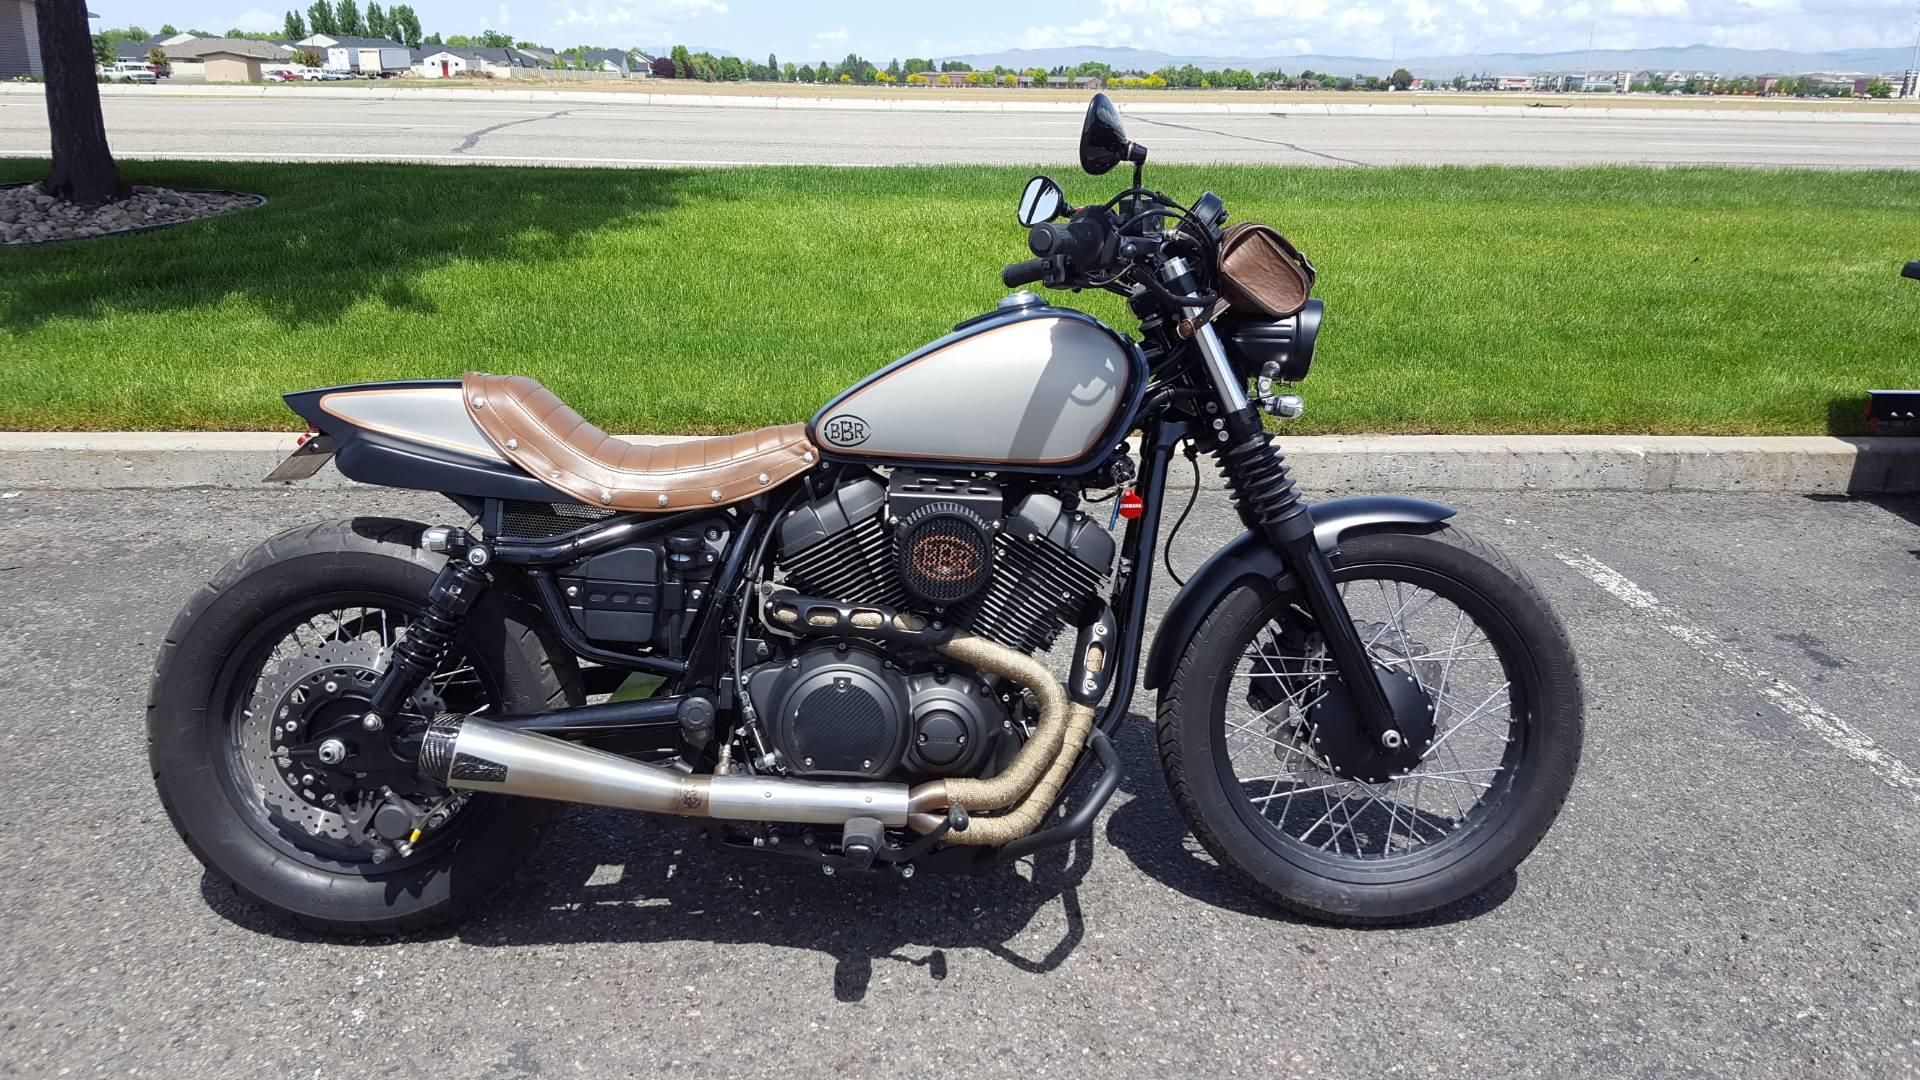 2014 Yamaha Bolt for sale 194575